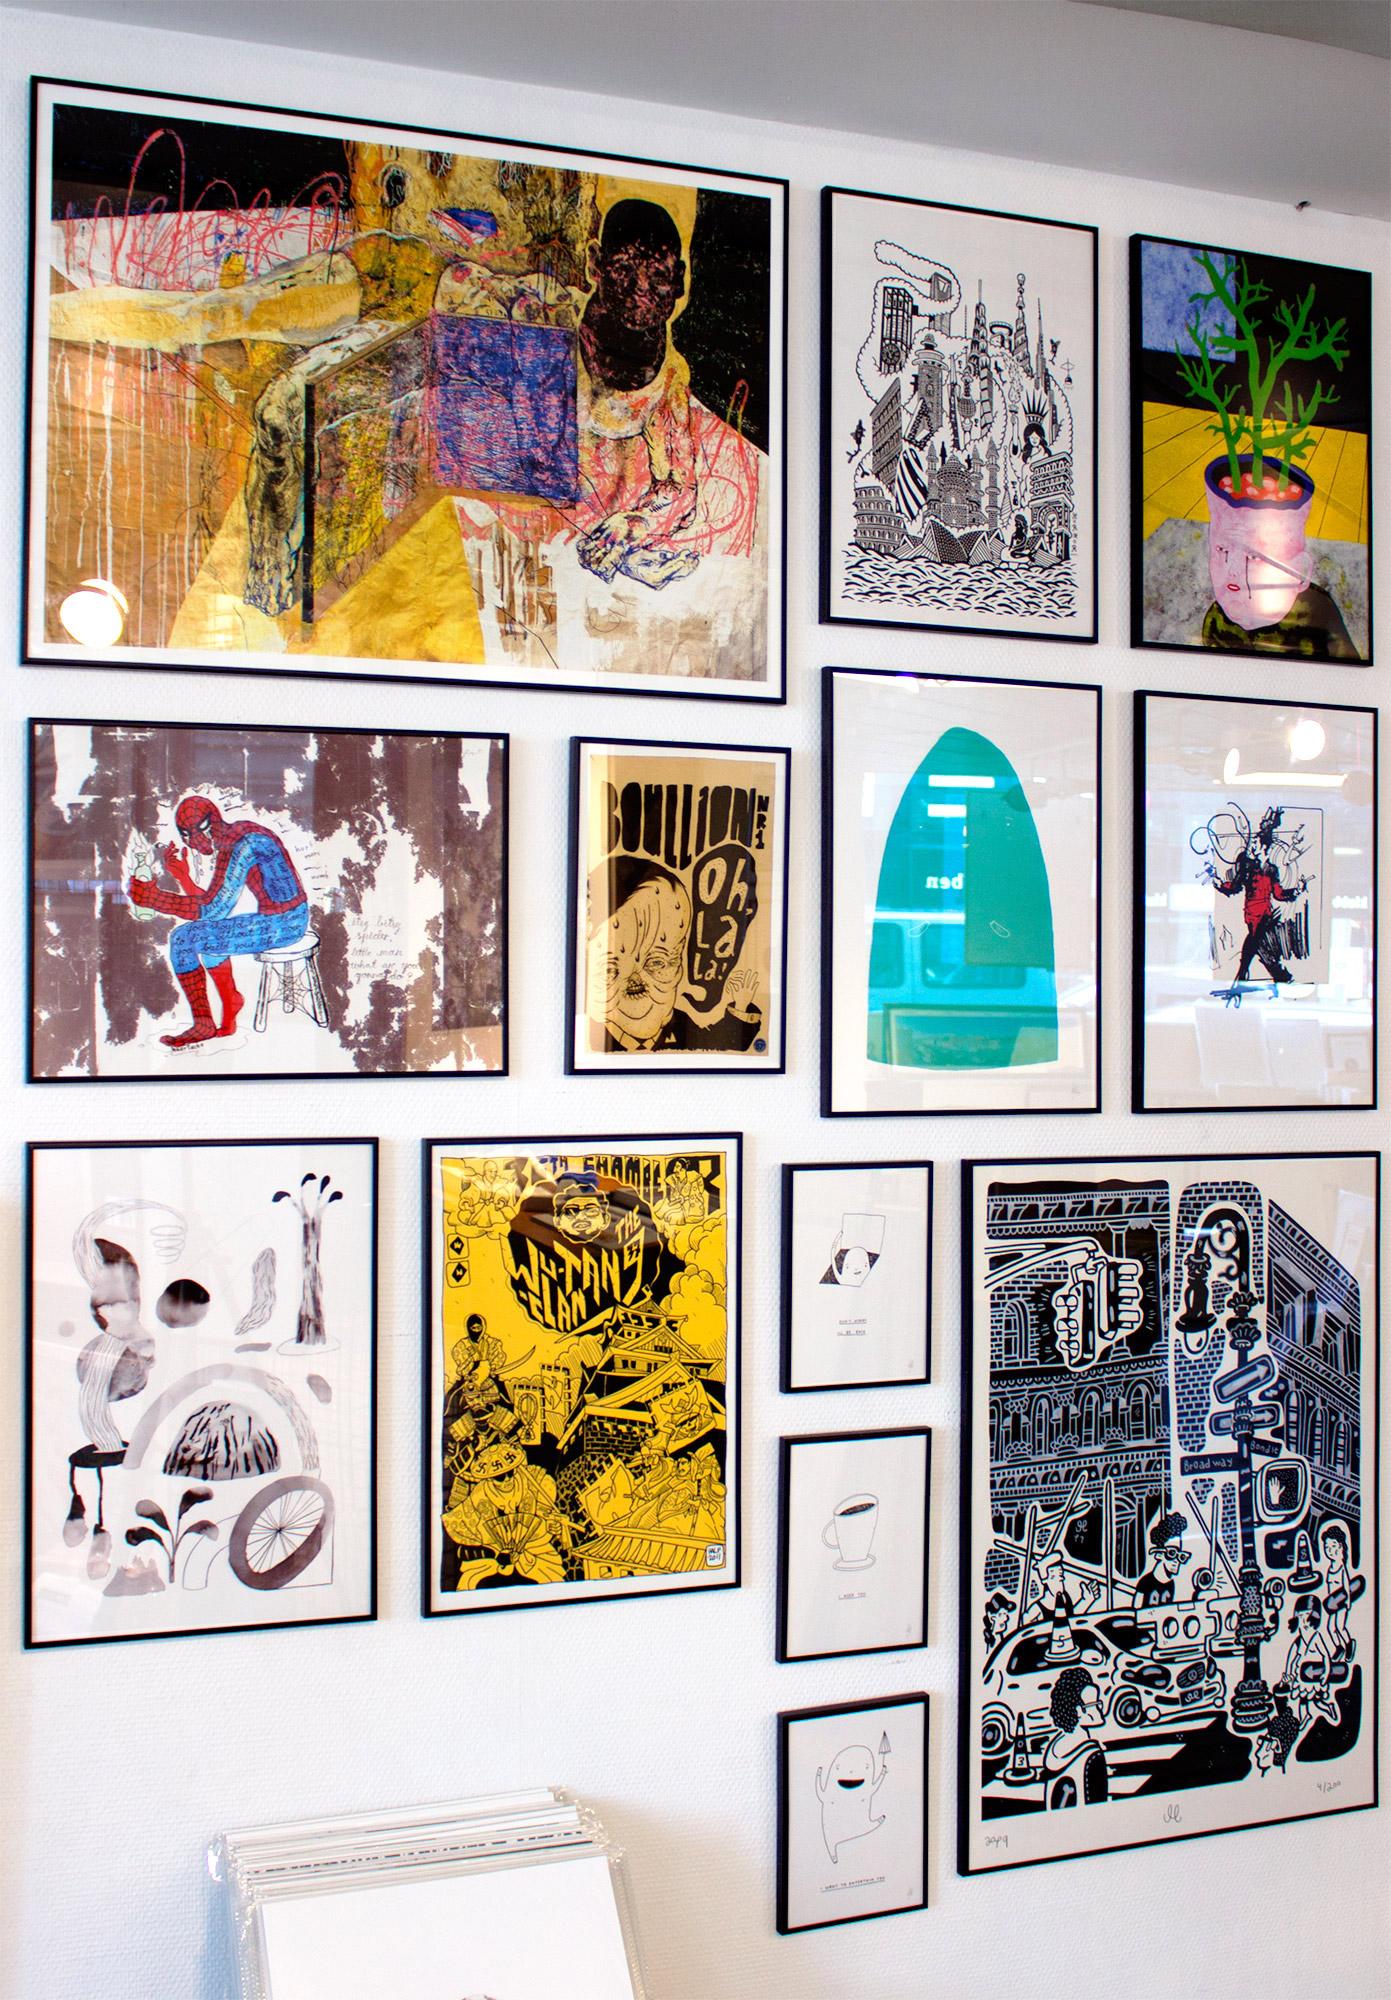 plakater, gicleé, farverige, ekspressionistiske, illustrative, kroppe, stemninger, bevægelse, mennesker, sorte, brune, pink, gule, blæk, papir, samtidskunst, dansk, dekorative, design, ekspressionisme, ansigter, interiør, bolig-indretning, mænd, moderne, moderne-kunst, nordisk, plakater, tryk, skandinavisk, Køb original kunst og kunstplakater. Malerier, tegninger, limited edition kunsttryk & plakater af dygtige kunstnere.